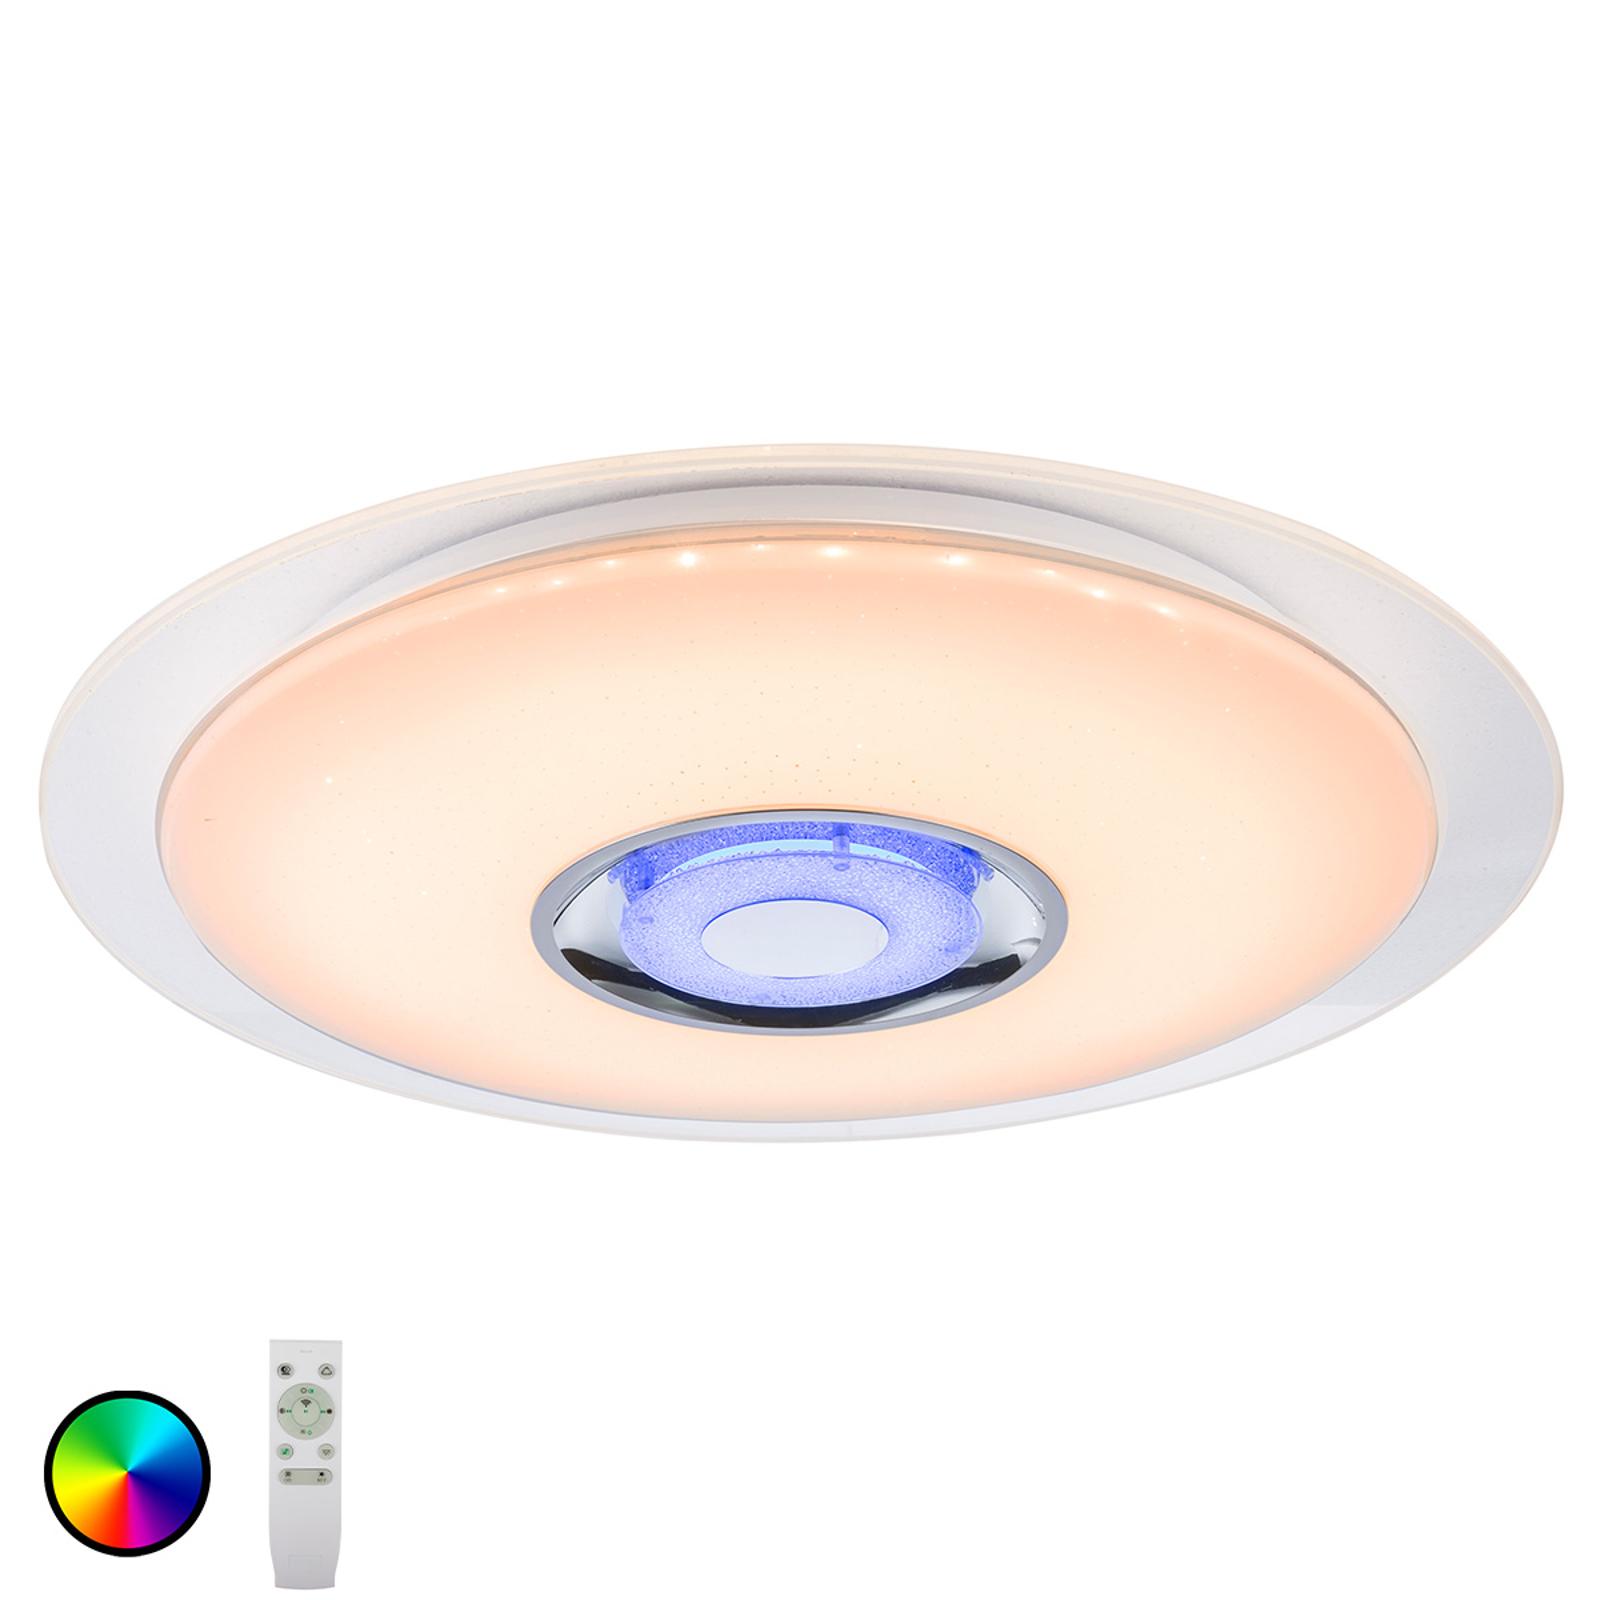 LED-taklampe Tune RGB med høyttaler Ø 47.5